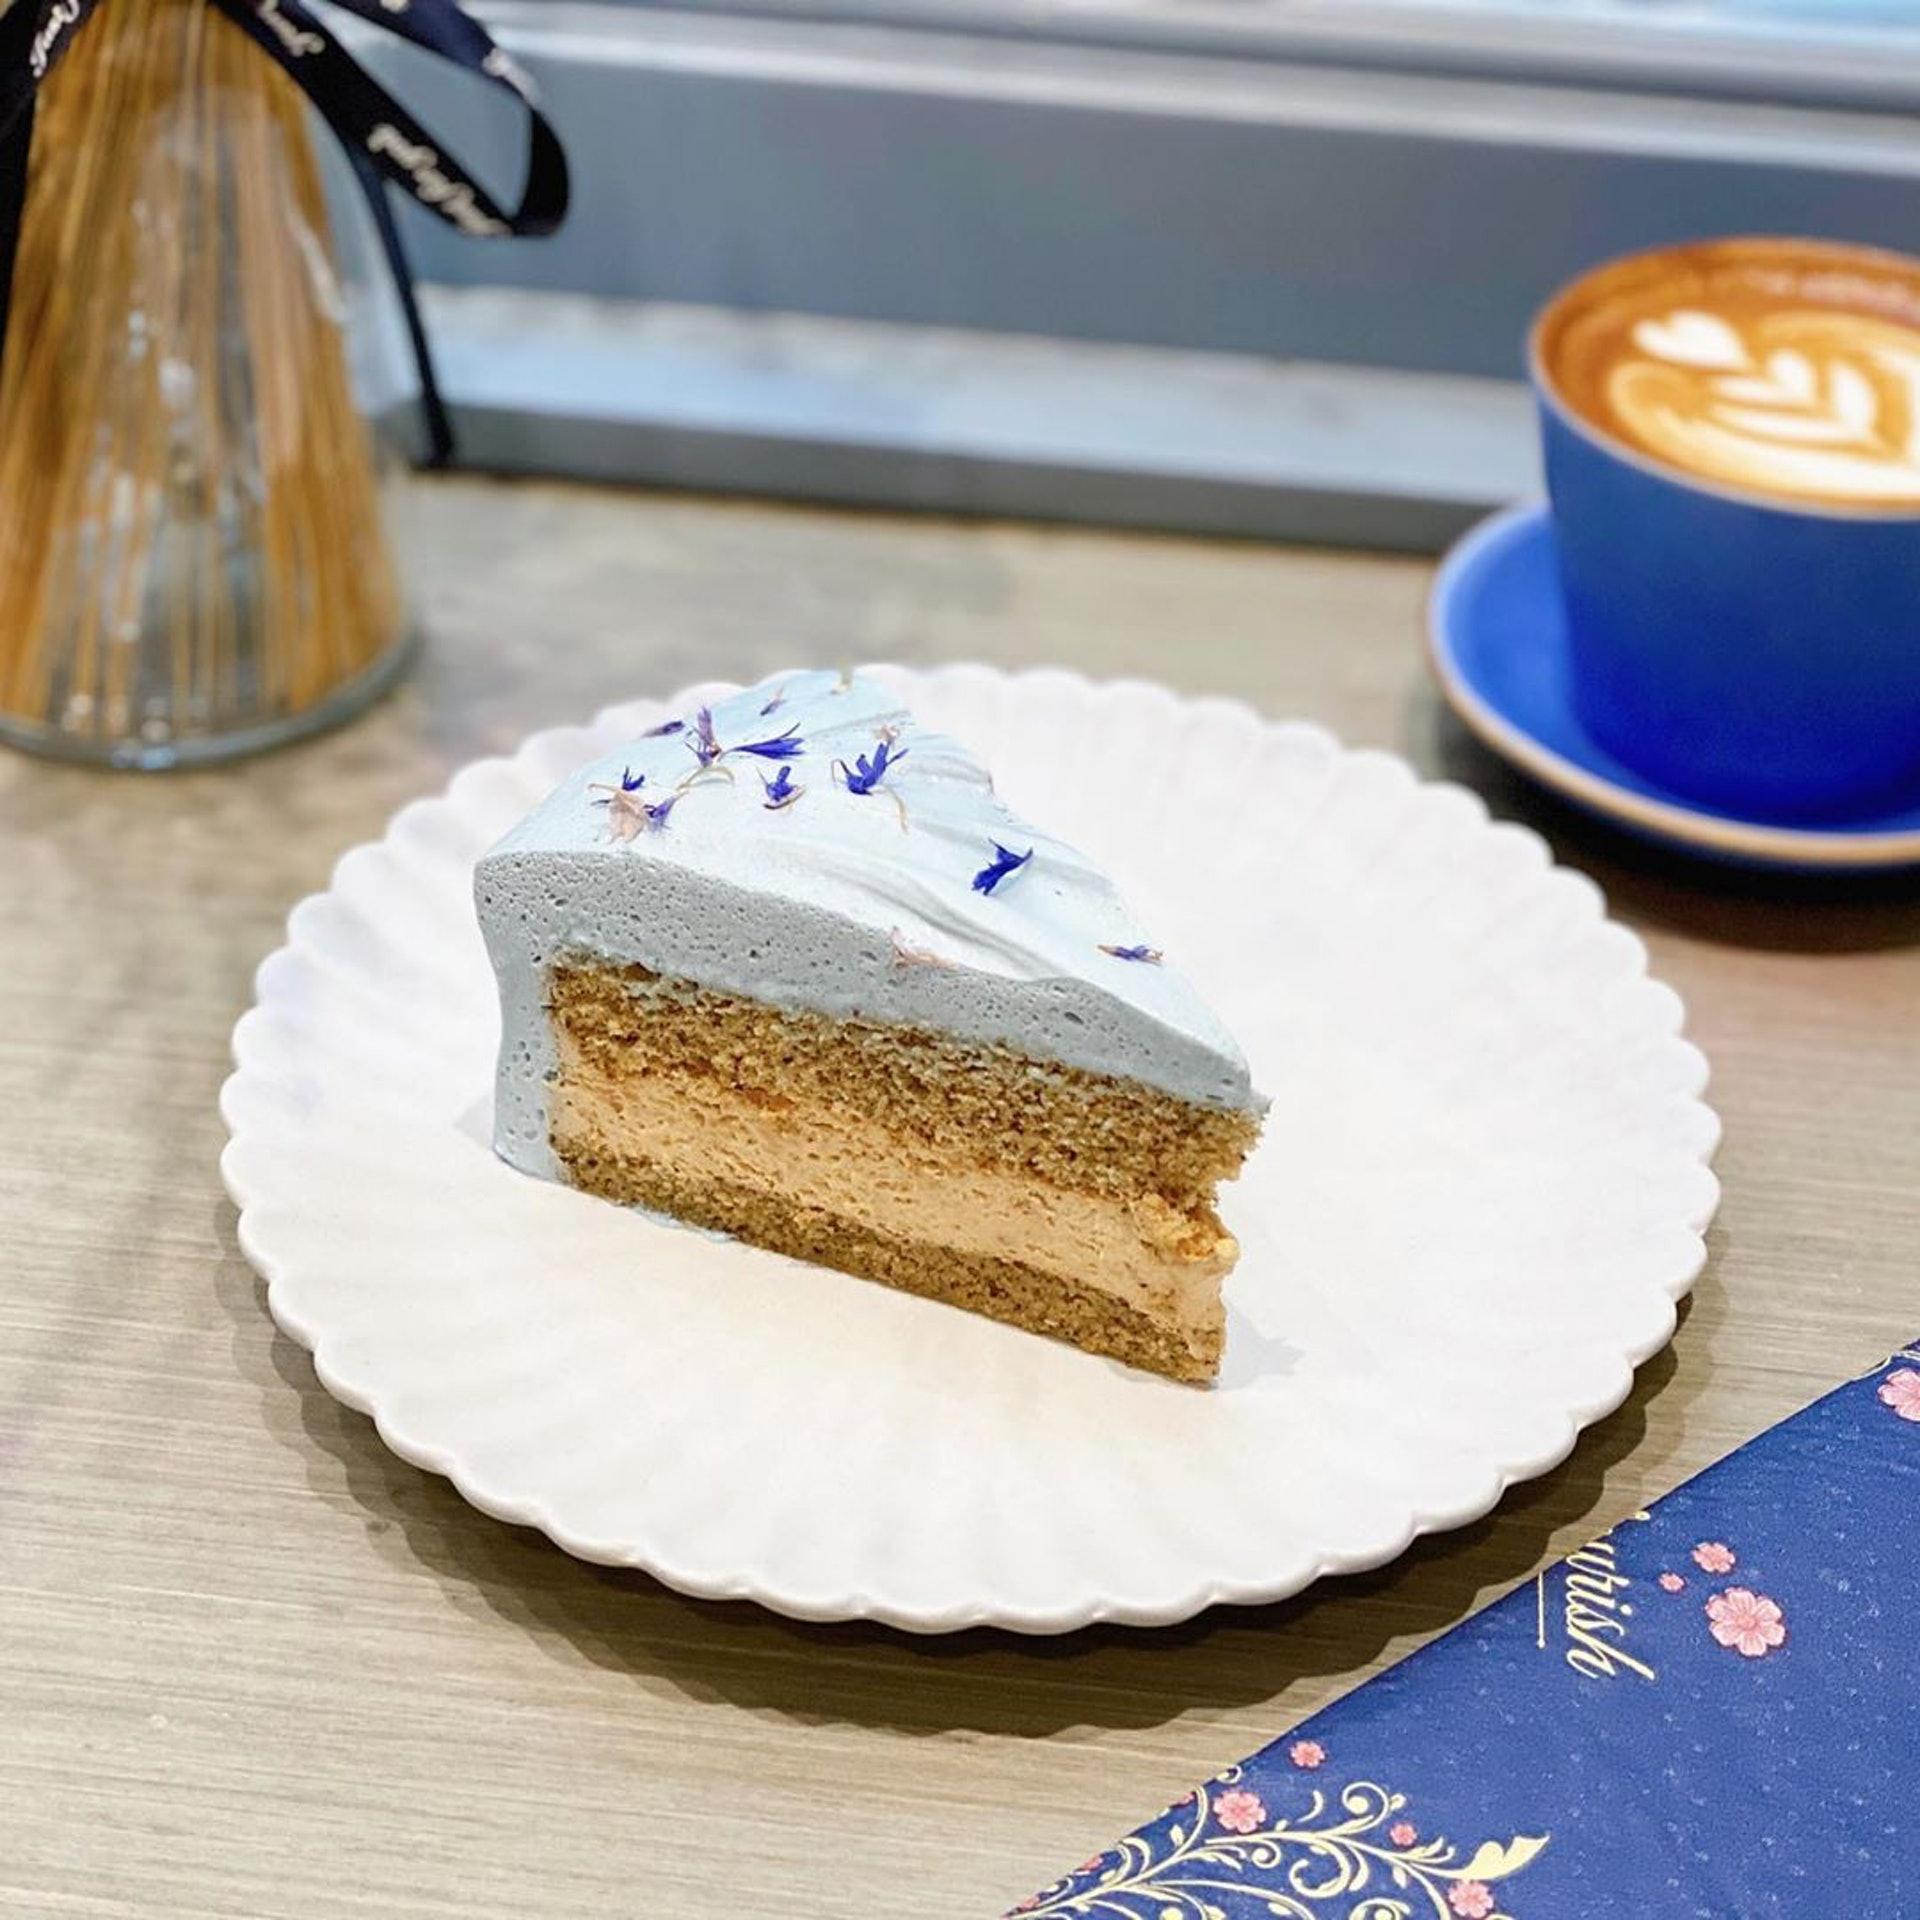 招牌伯爵茶蛋糕($72),粉藍色的忌廉蛋糕非常特別,原來是由碟豆花製成。(ig@ lazyprincessanthea)